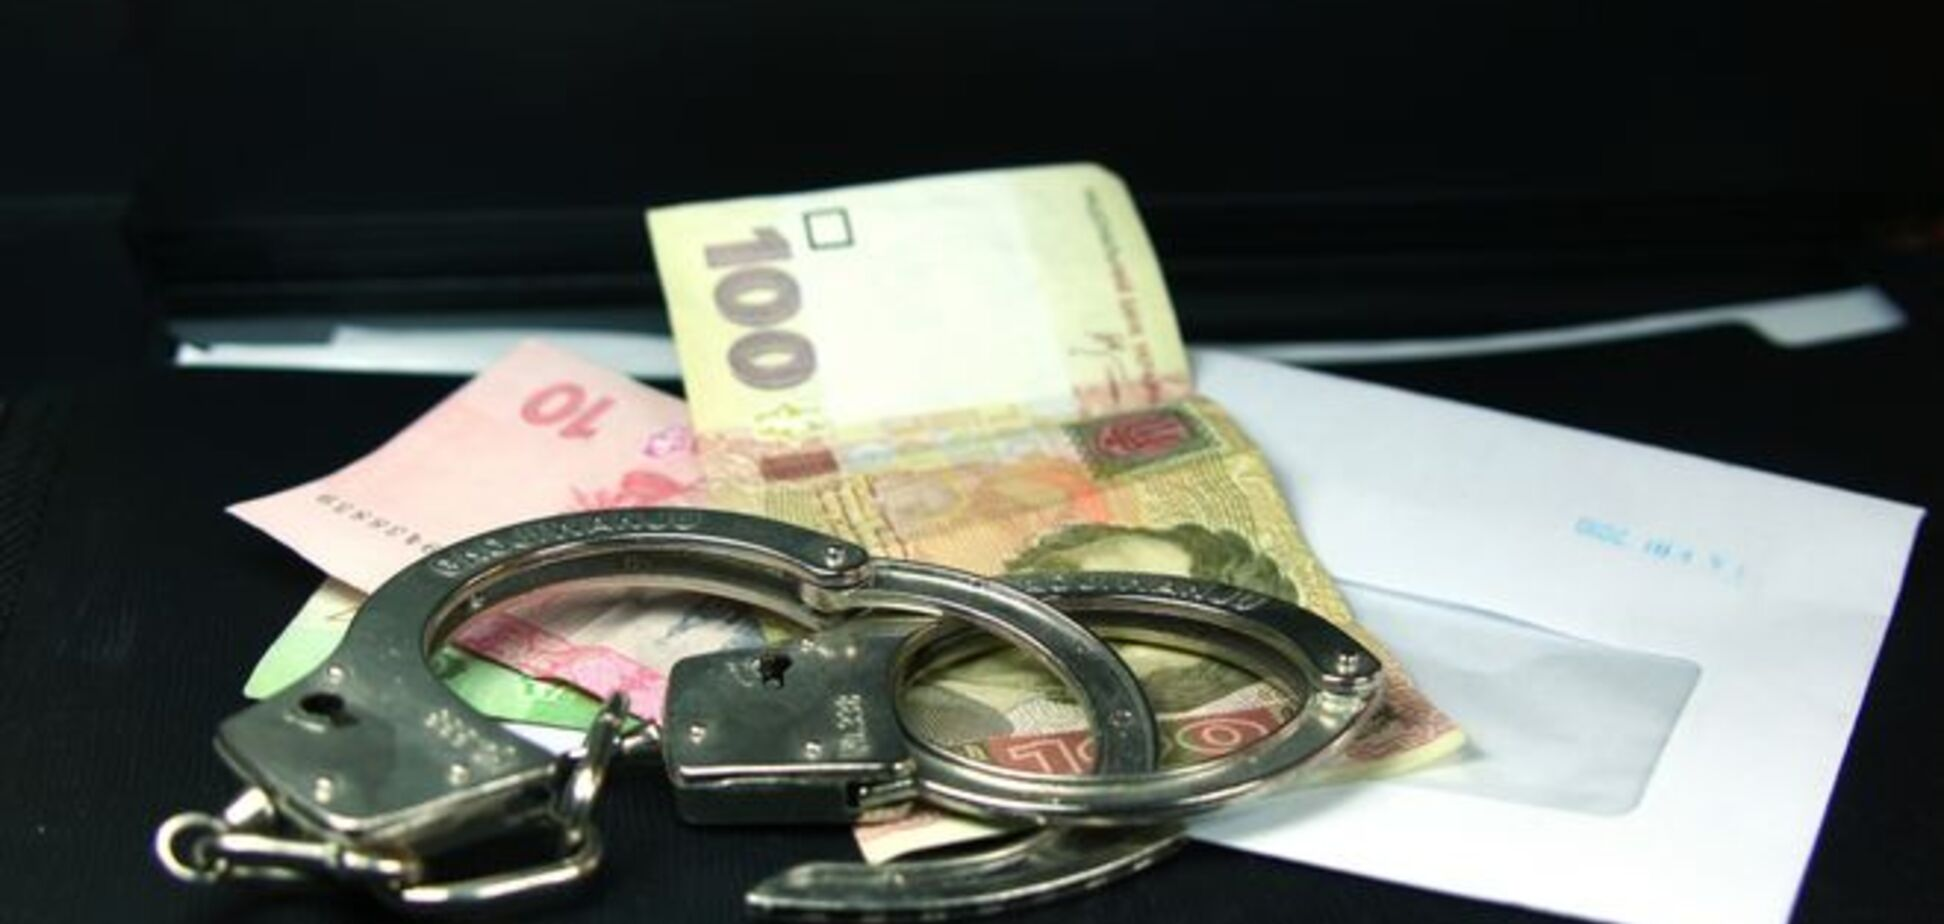 В Харькове на горячем поймали руководителя местной 'оборонки'